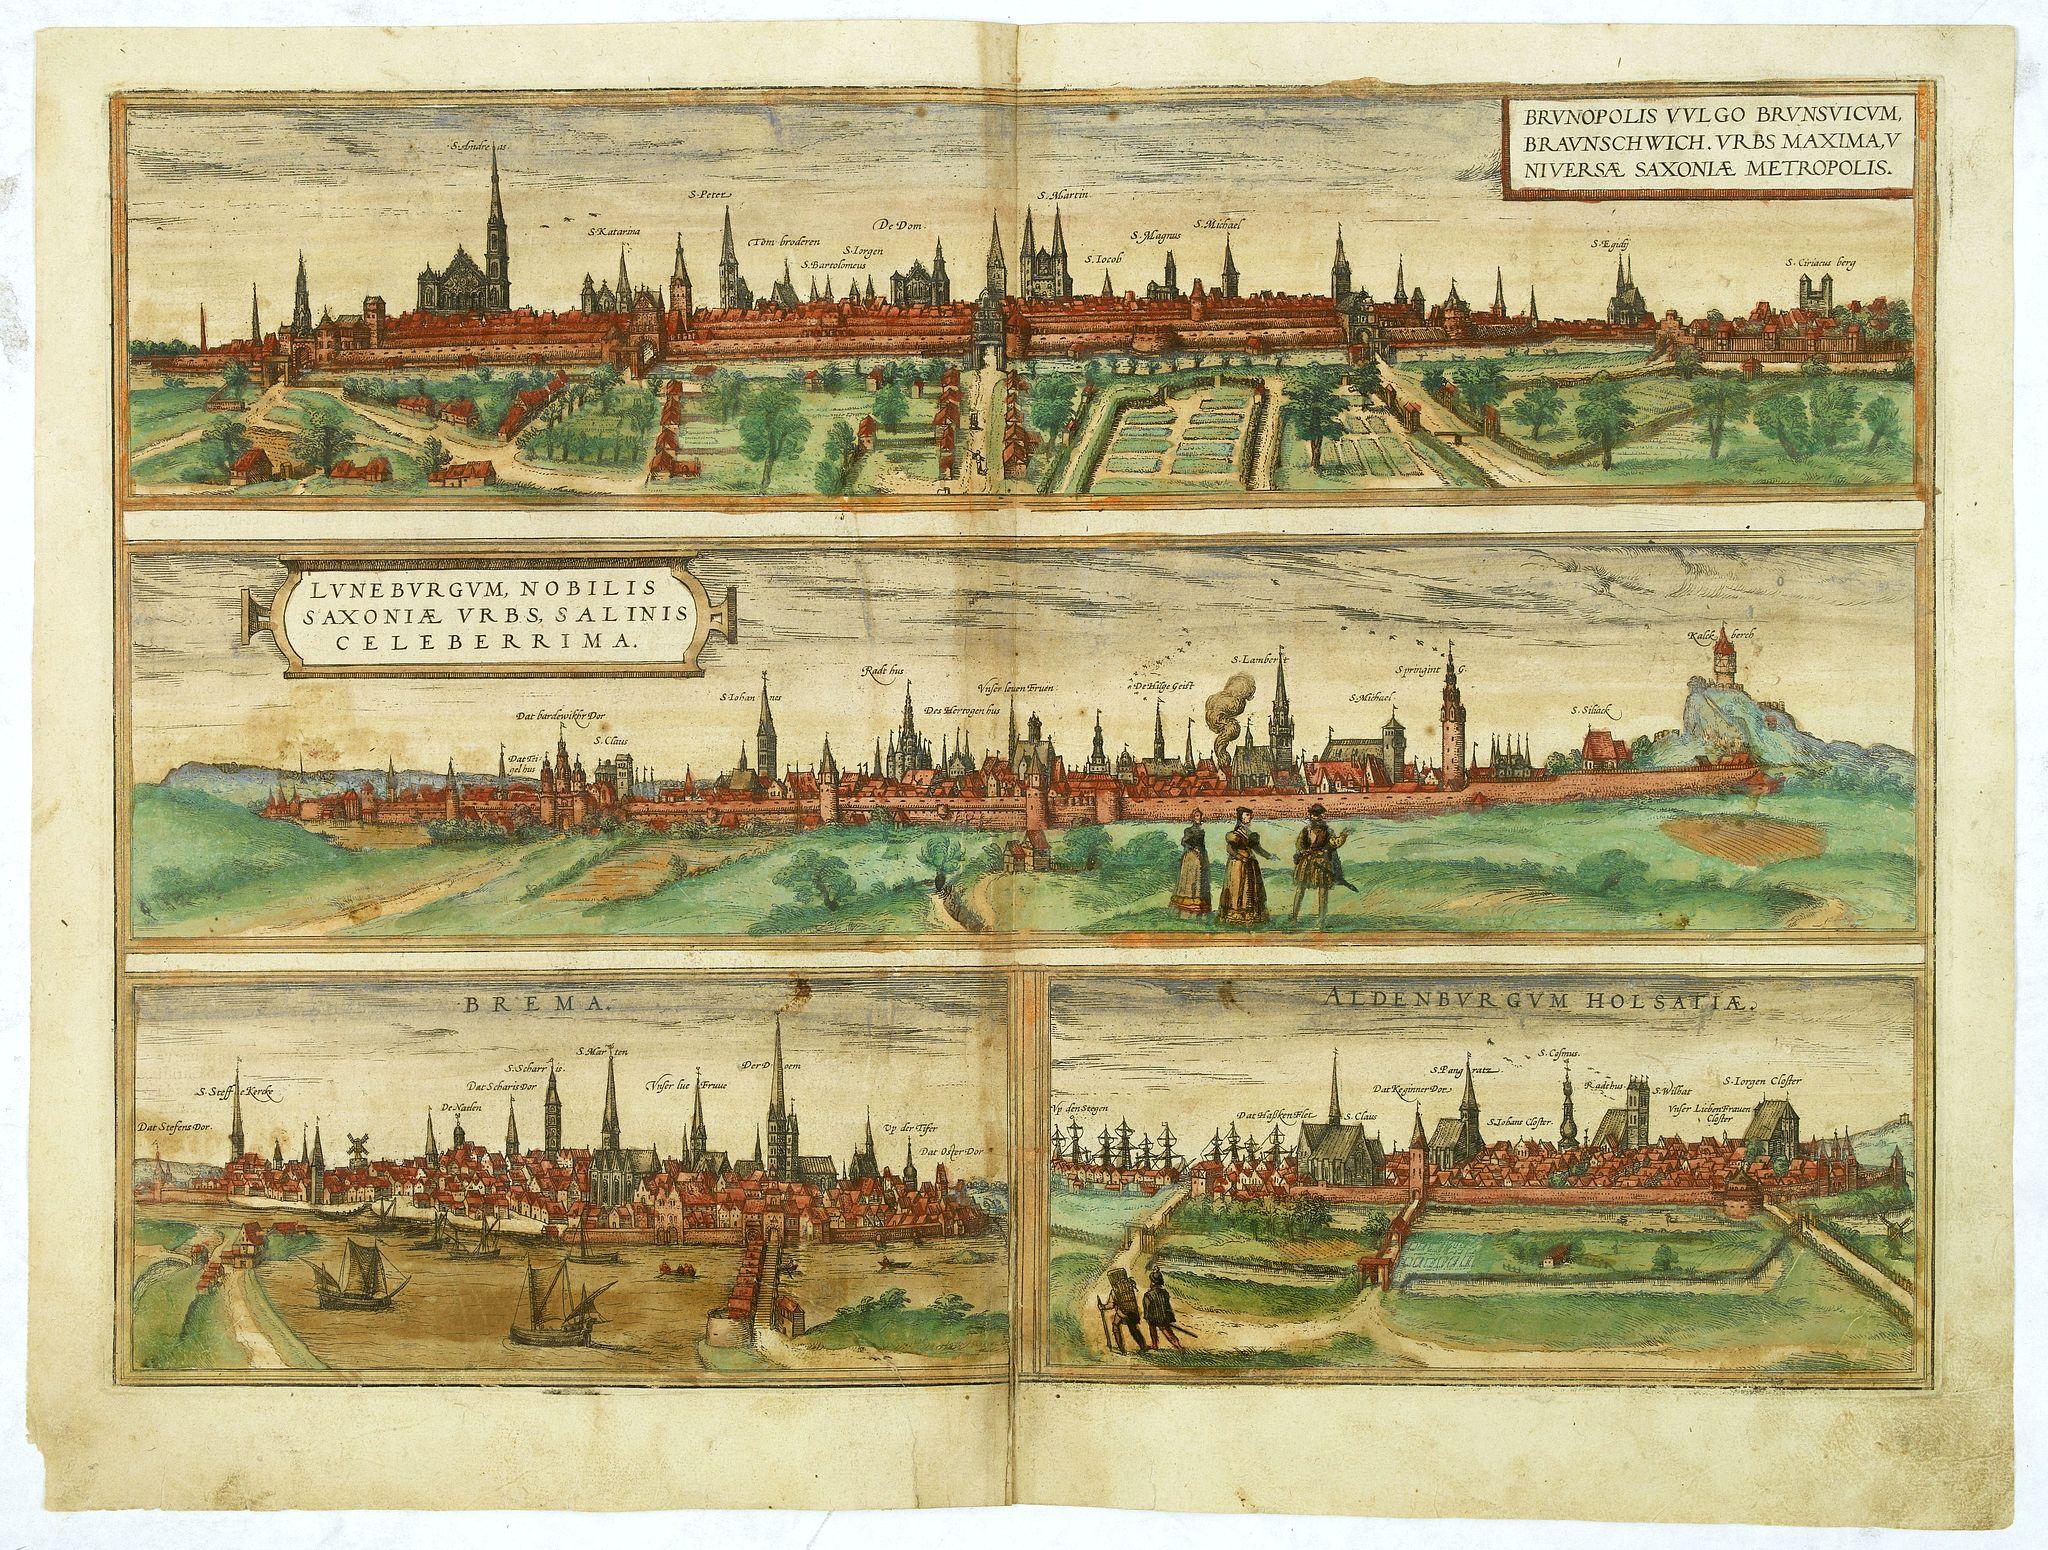 BRAUN,G. / HOGENBERG, F. -  Brunopolis vulgo Brunsvicum, ... [on sheet with] Luneburgum, Nobilis Saxoniae Urbs, ... [and] Brema [and] Aldenburgum Holsatiae